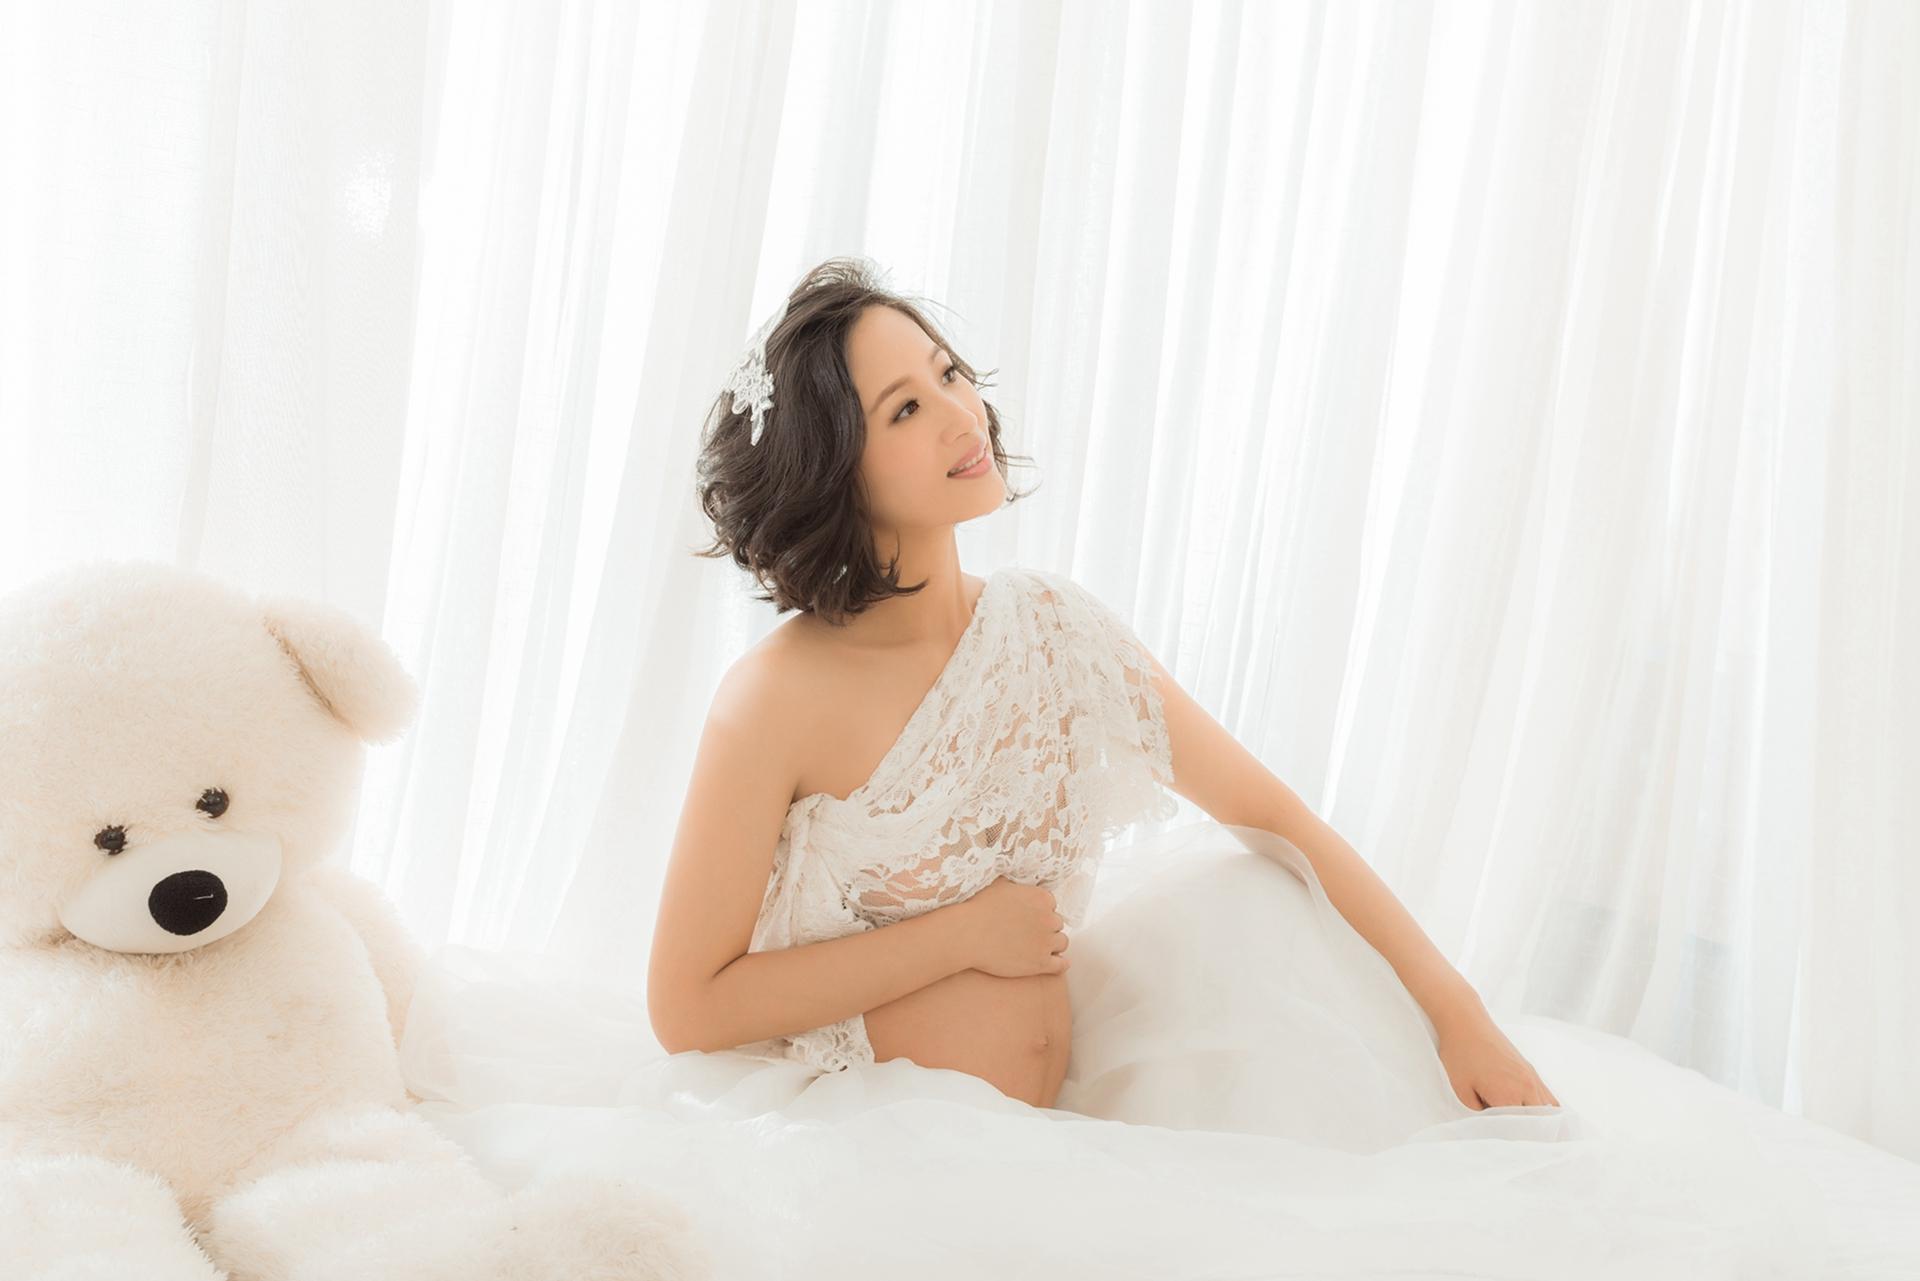 孕婦攝影,孕媽咪攝影,孕媽咪寫真,孕婦裝